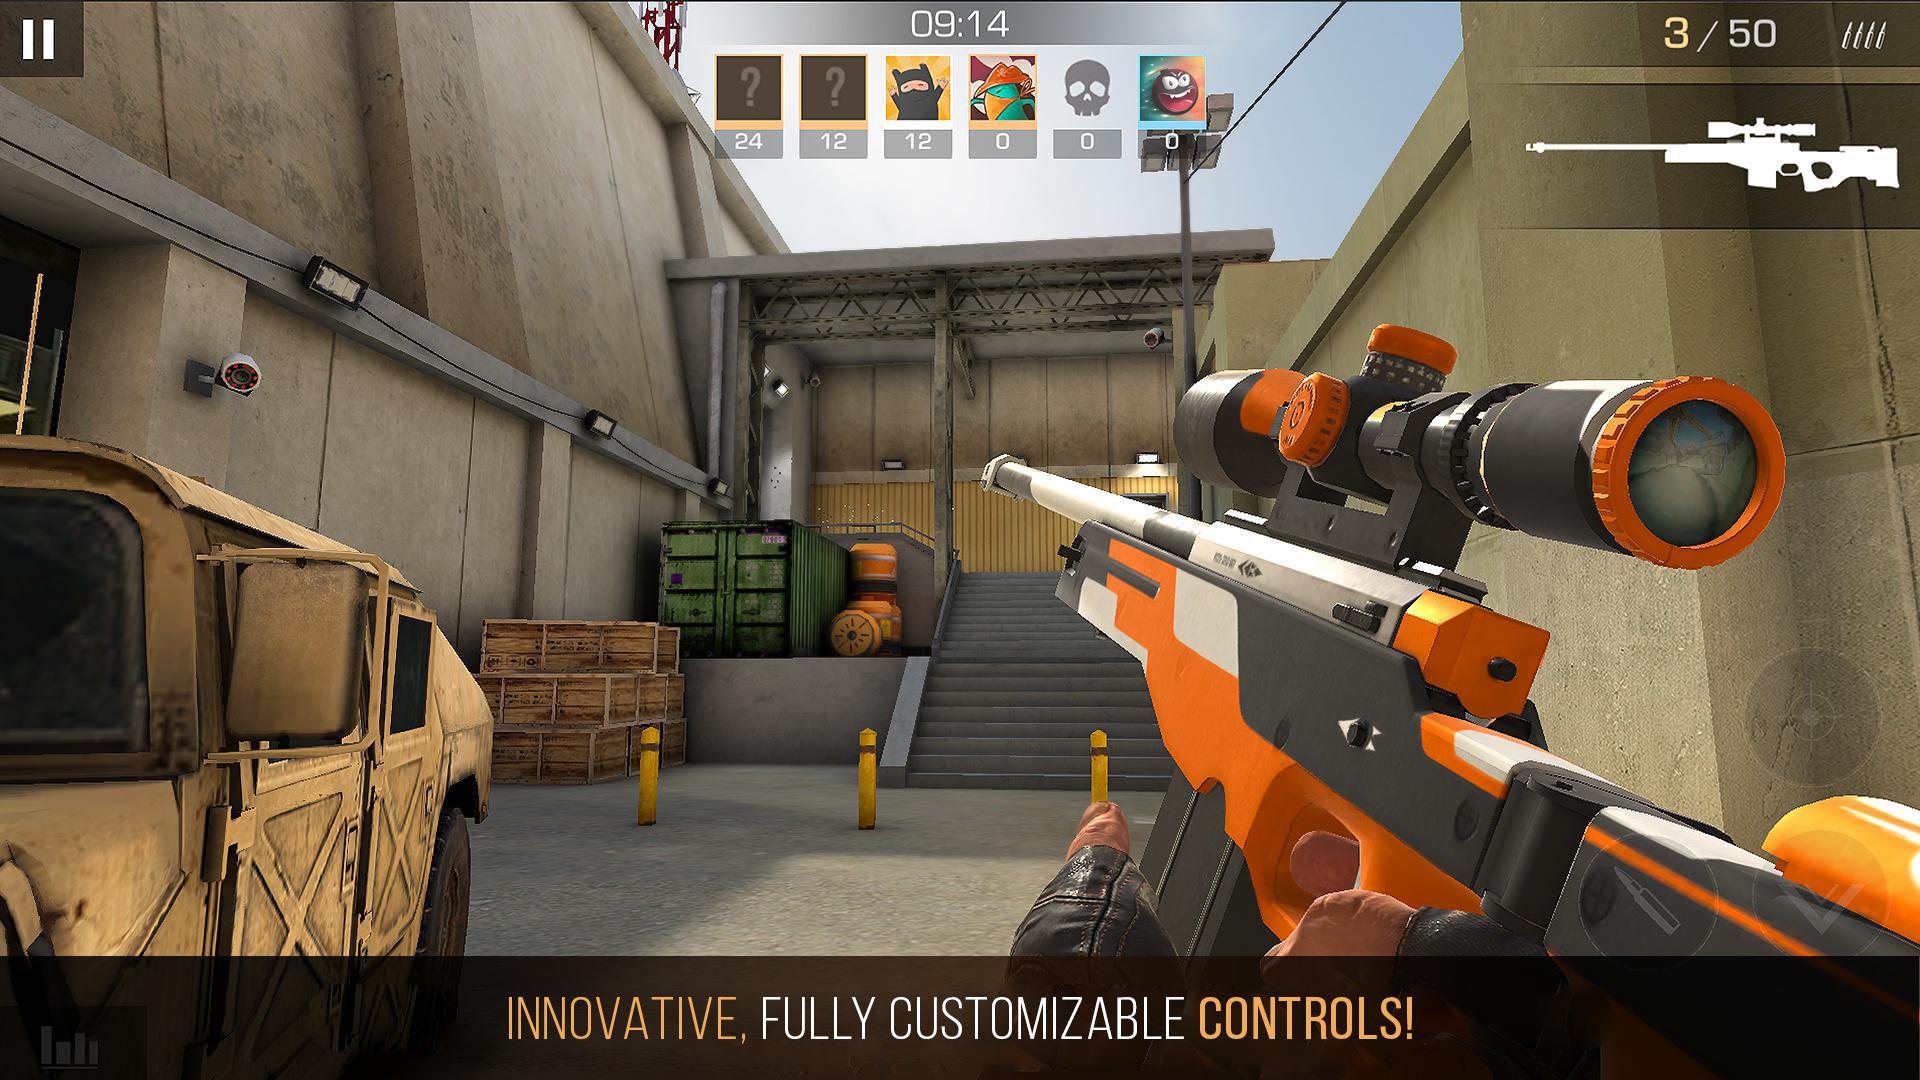 Đến bây giờ, đây vẫn là siêu phẩm FPS đúng chất Counter-Strike chuẩn nhất trên Mobile - Ảnh 3.